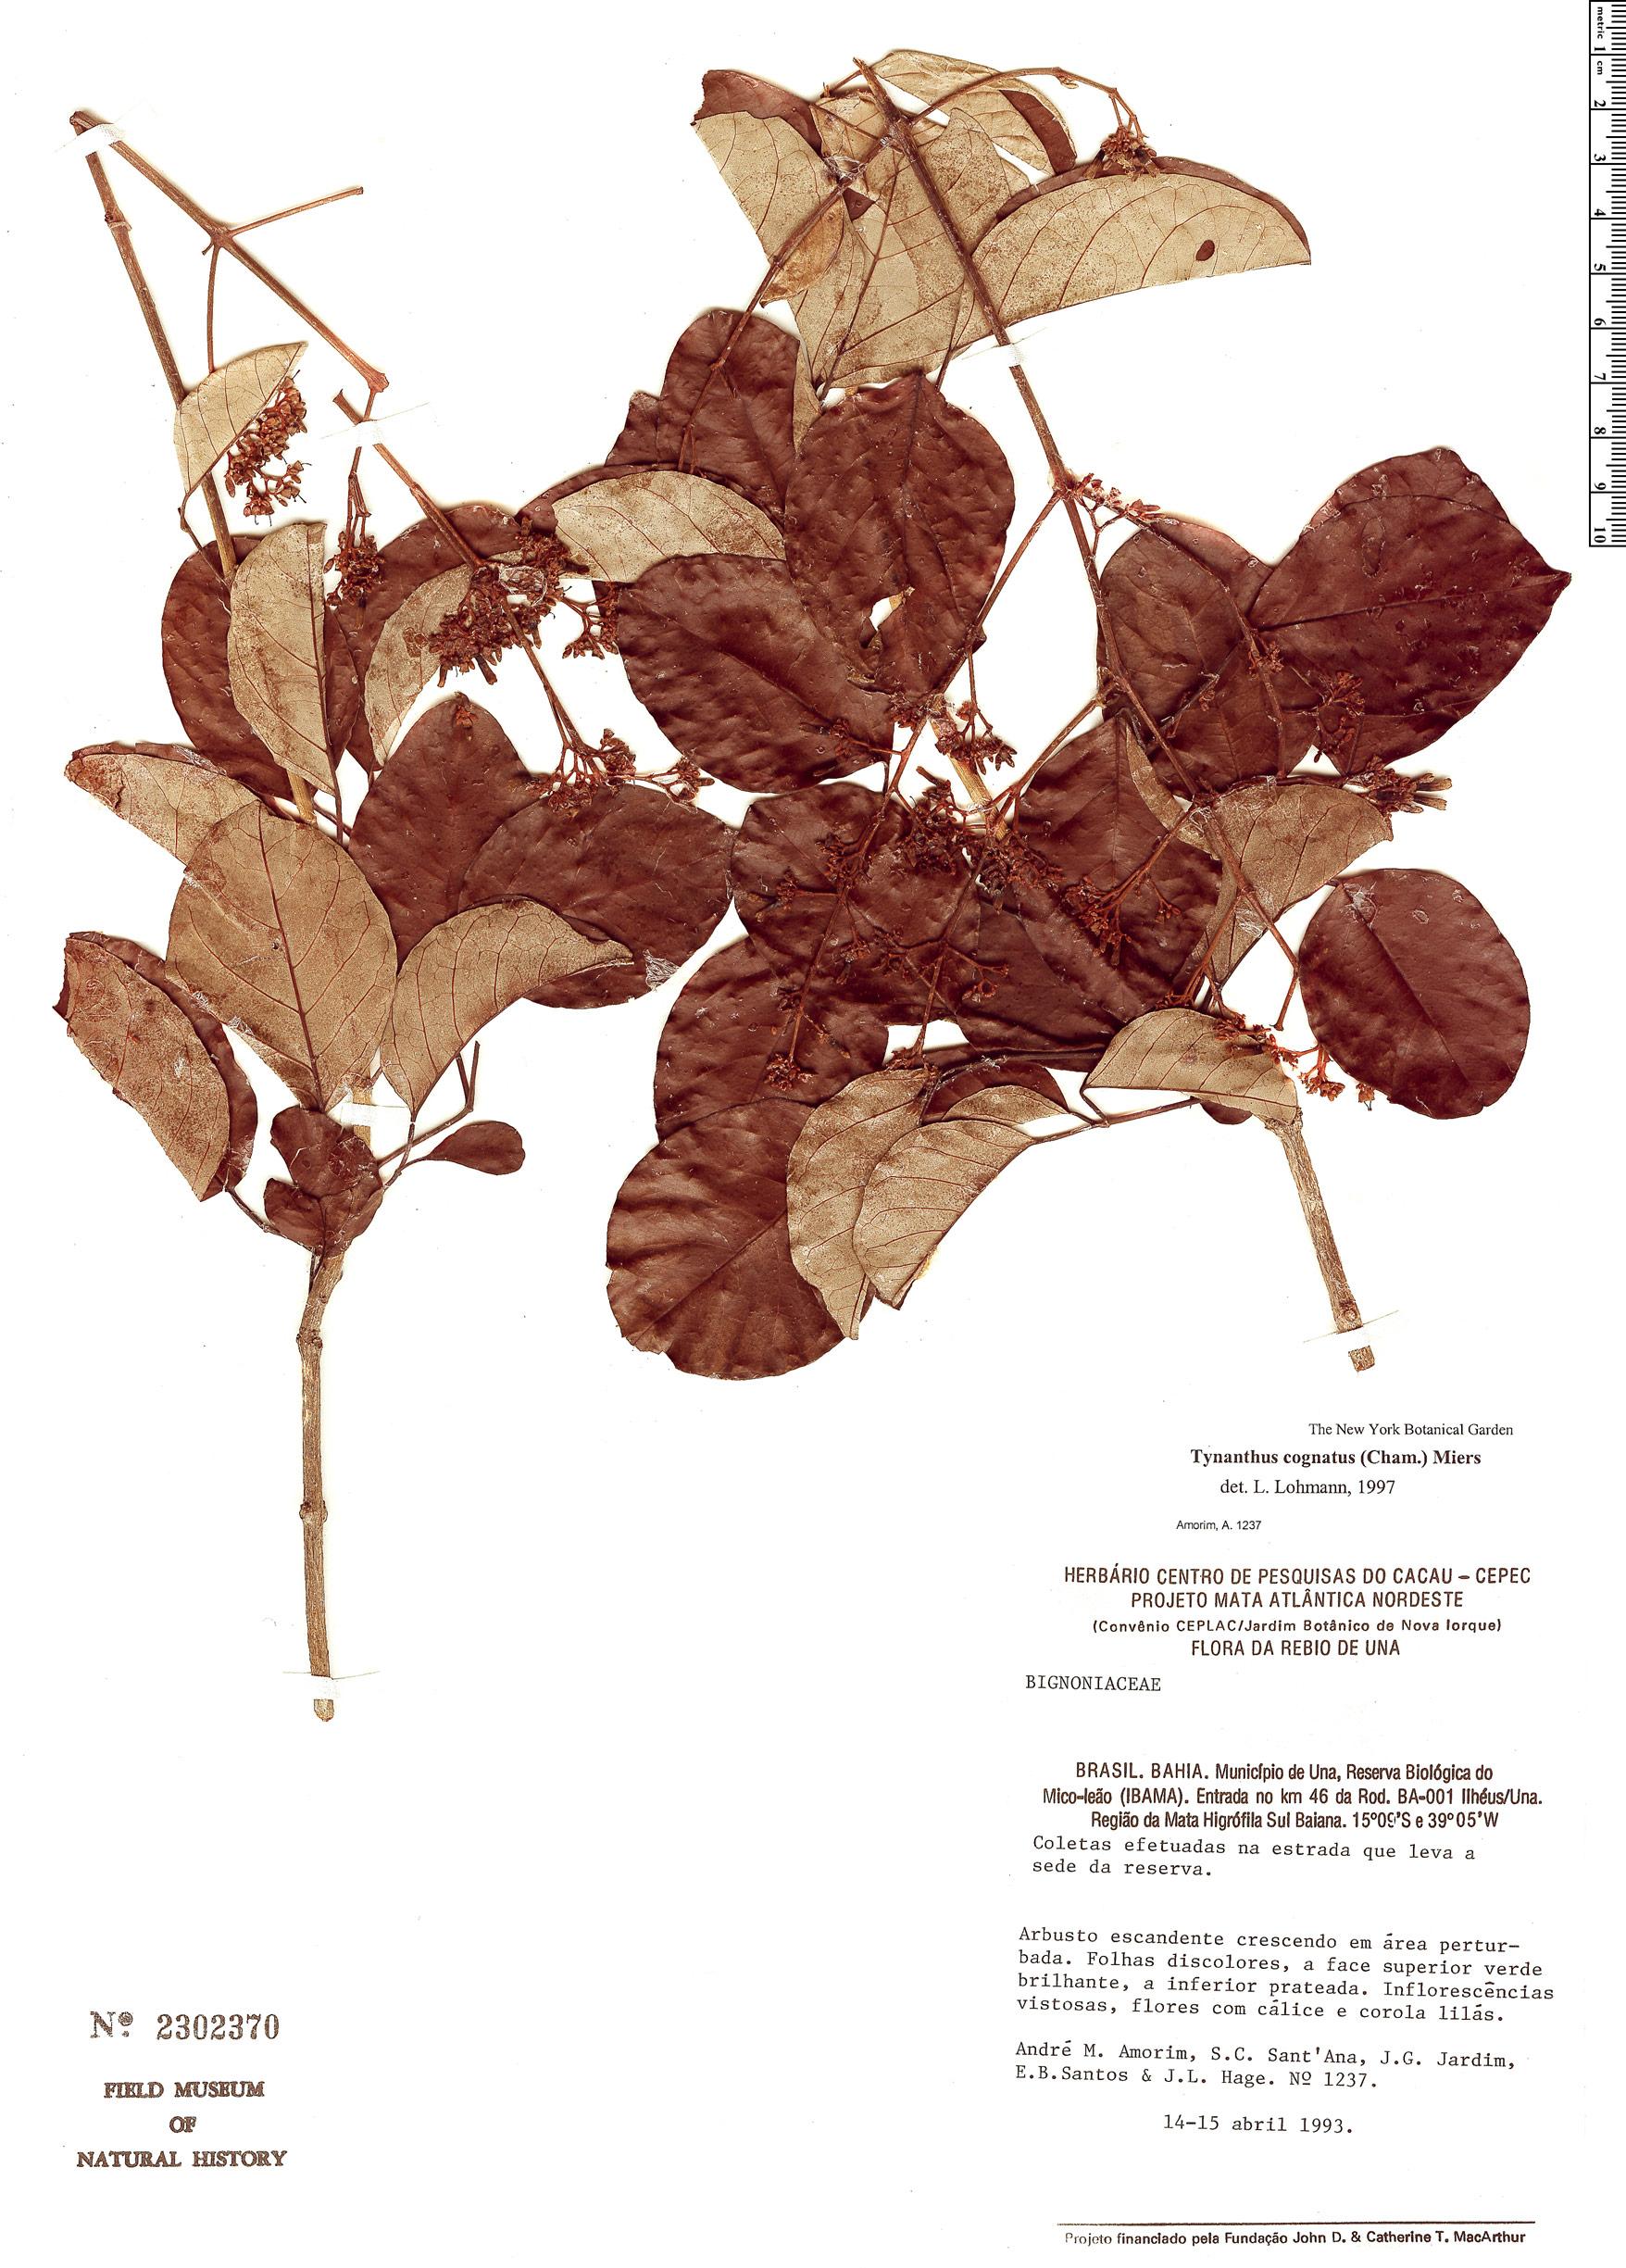 Specimen: Fridericia rego